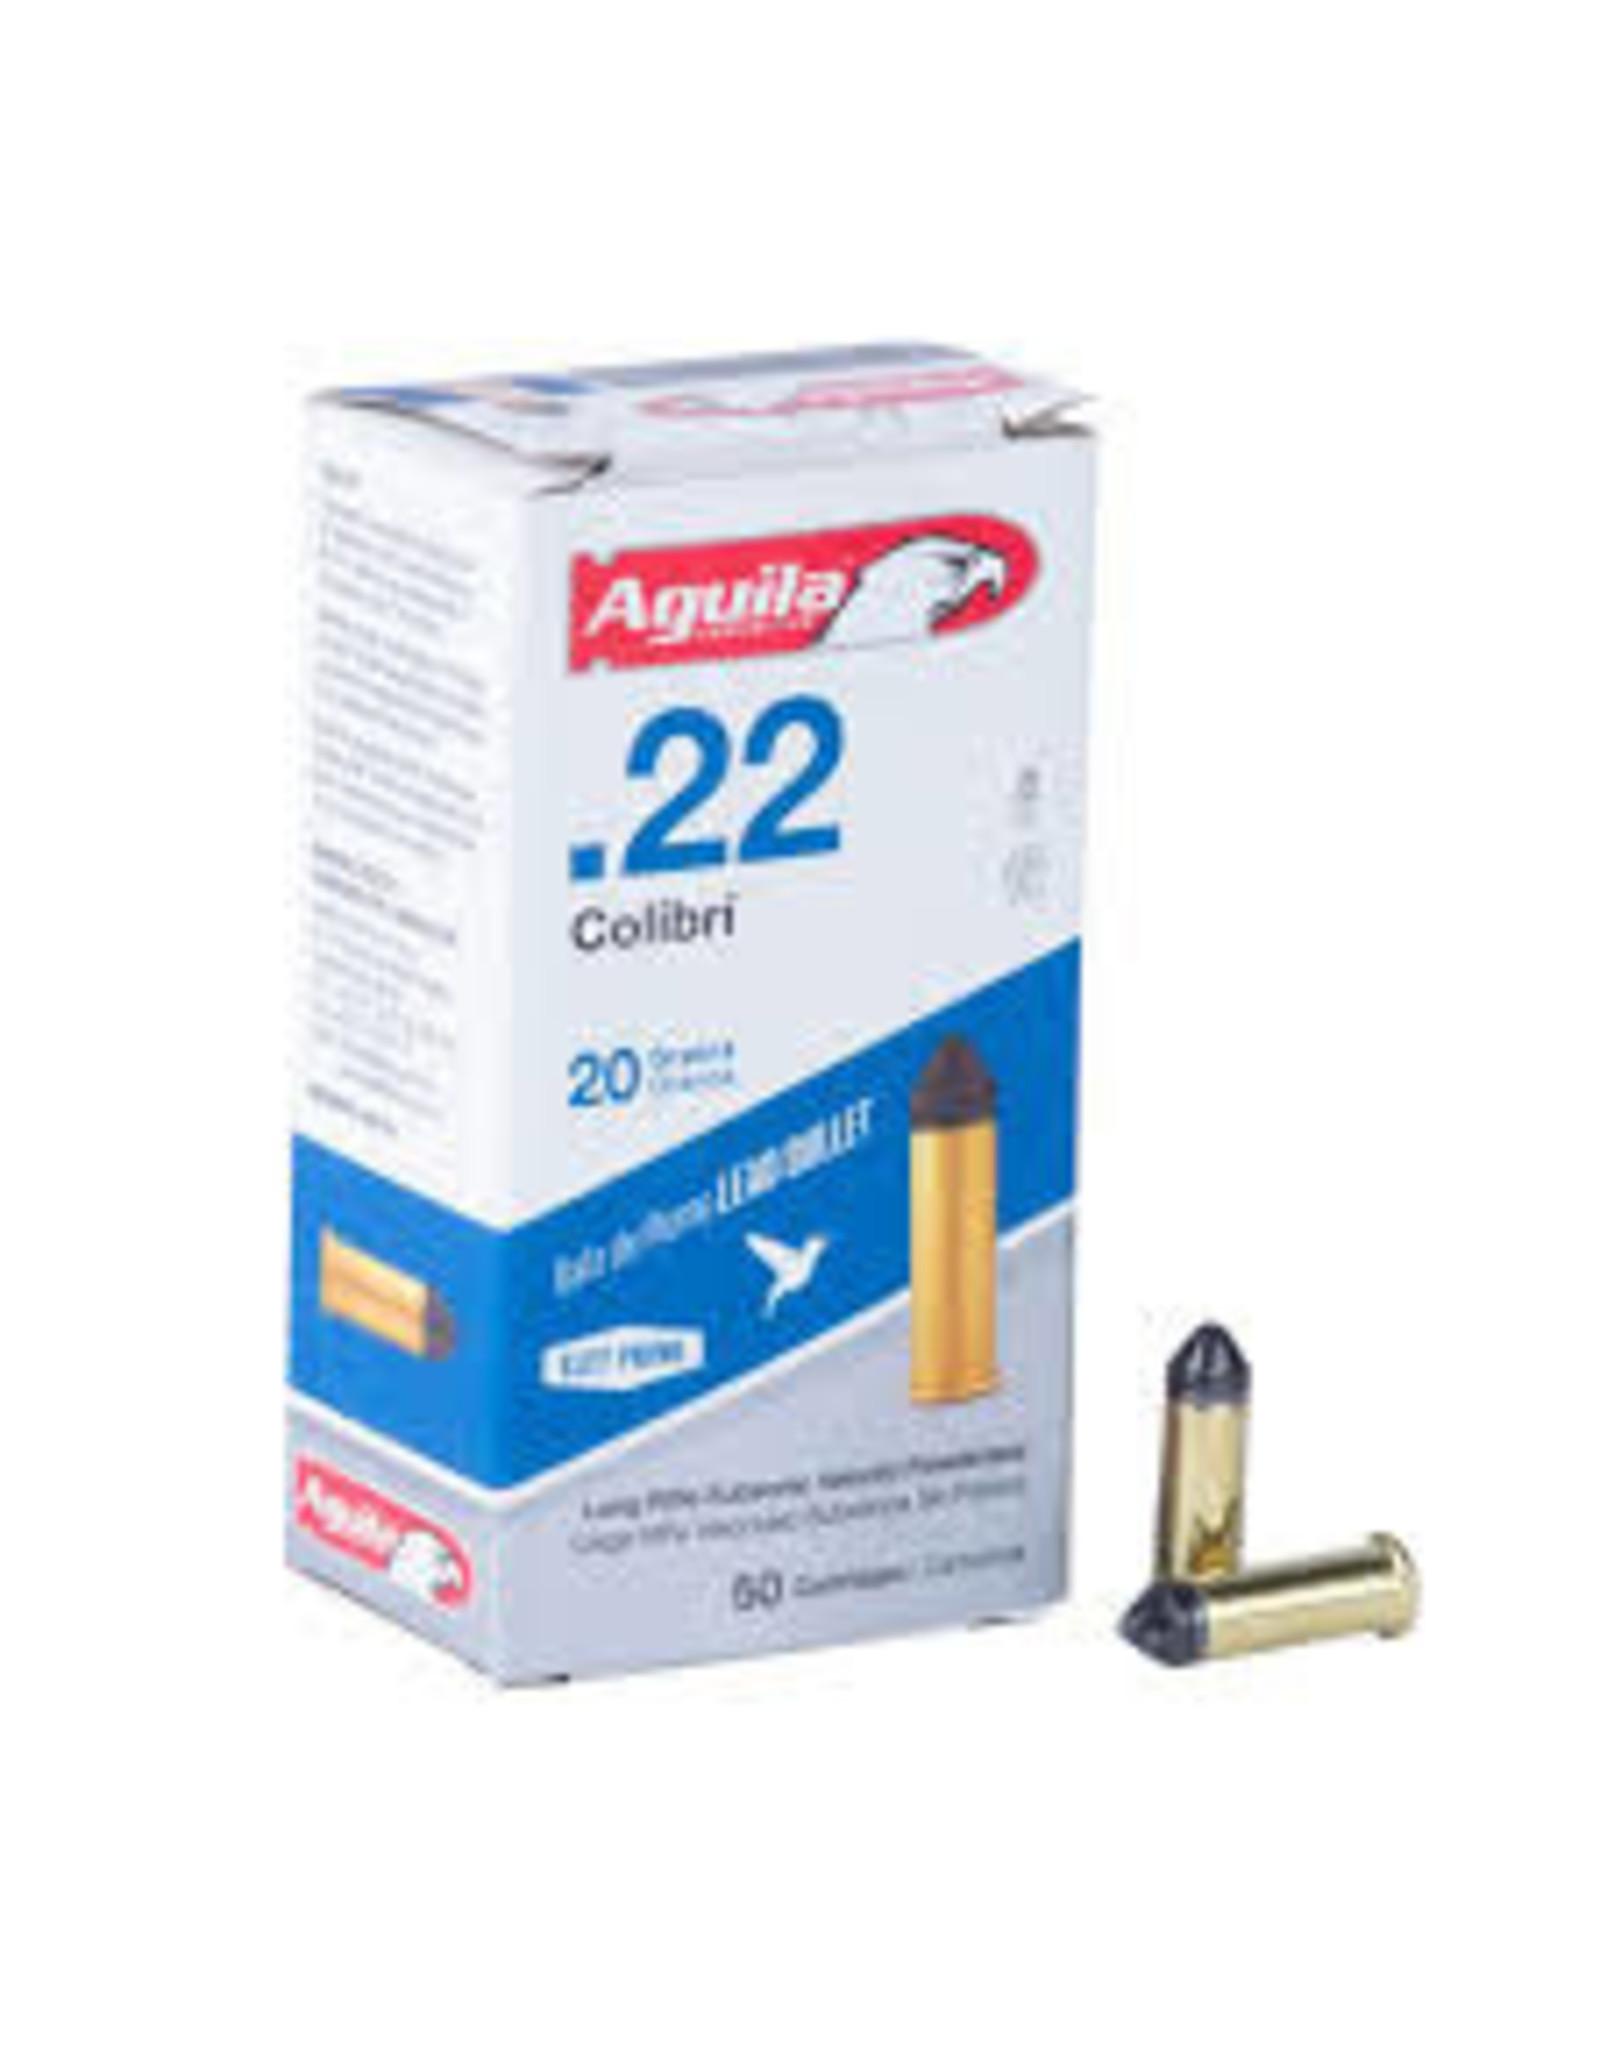 Aguila Aguila .22 Colibri  20gr